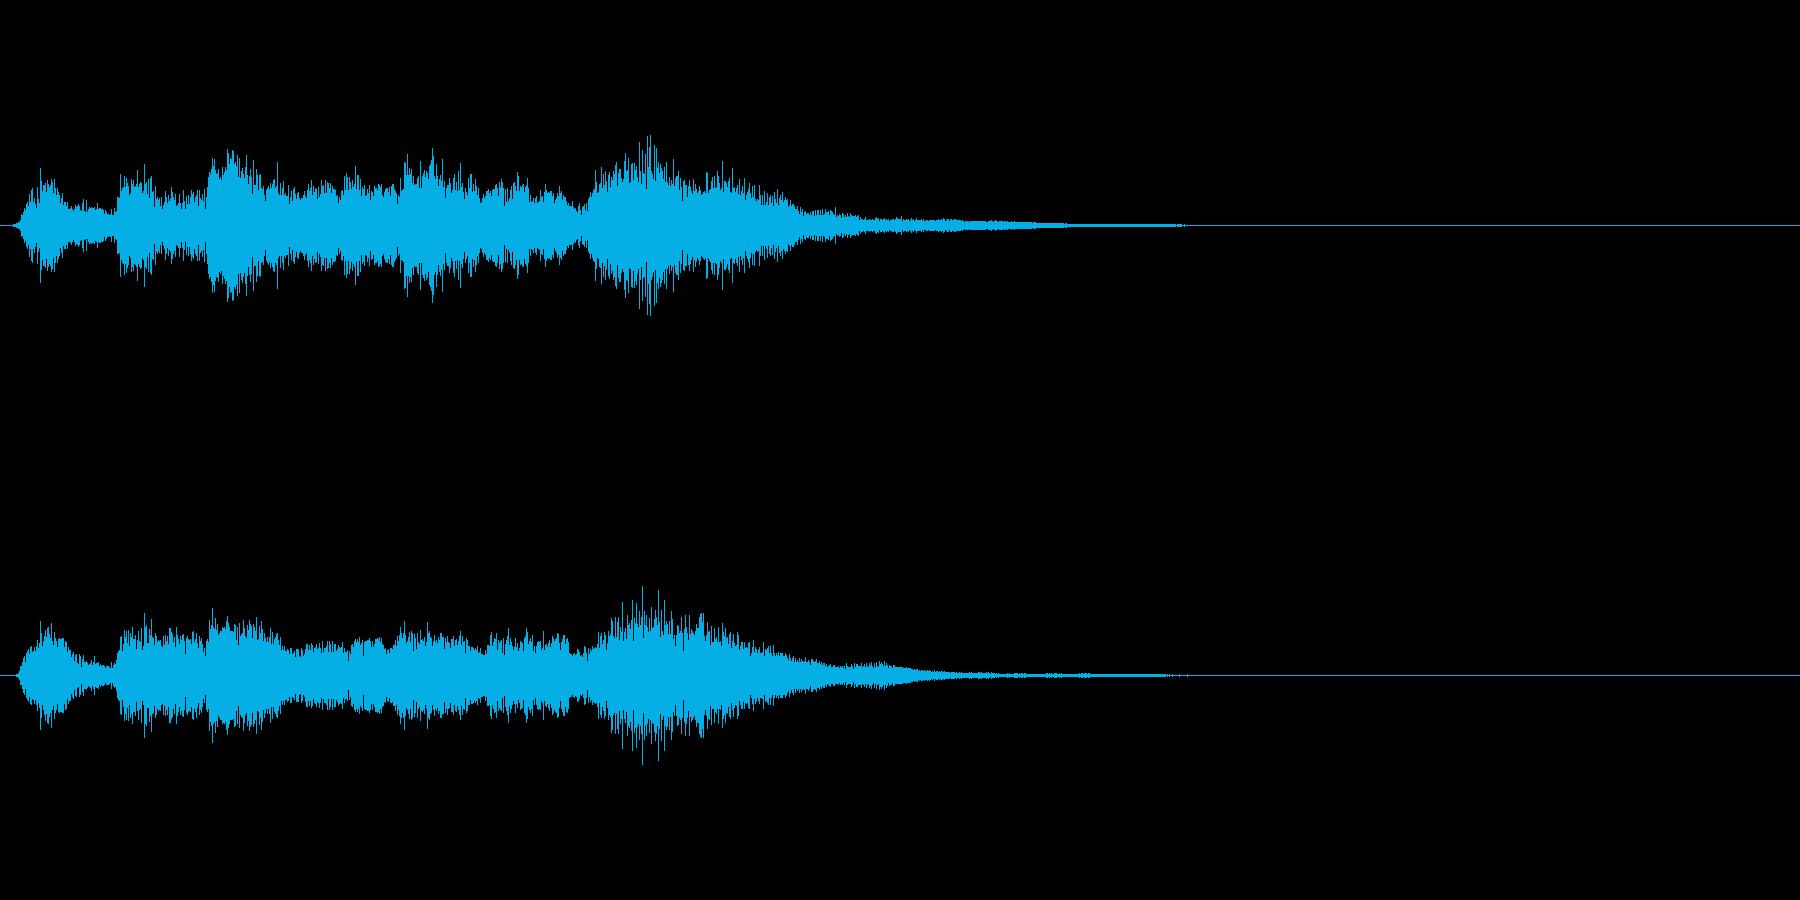 フルート等による可愛いファンファーレの再生済みの波形